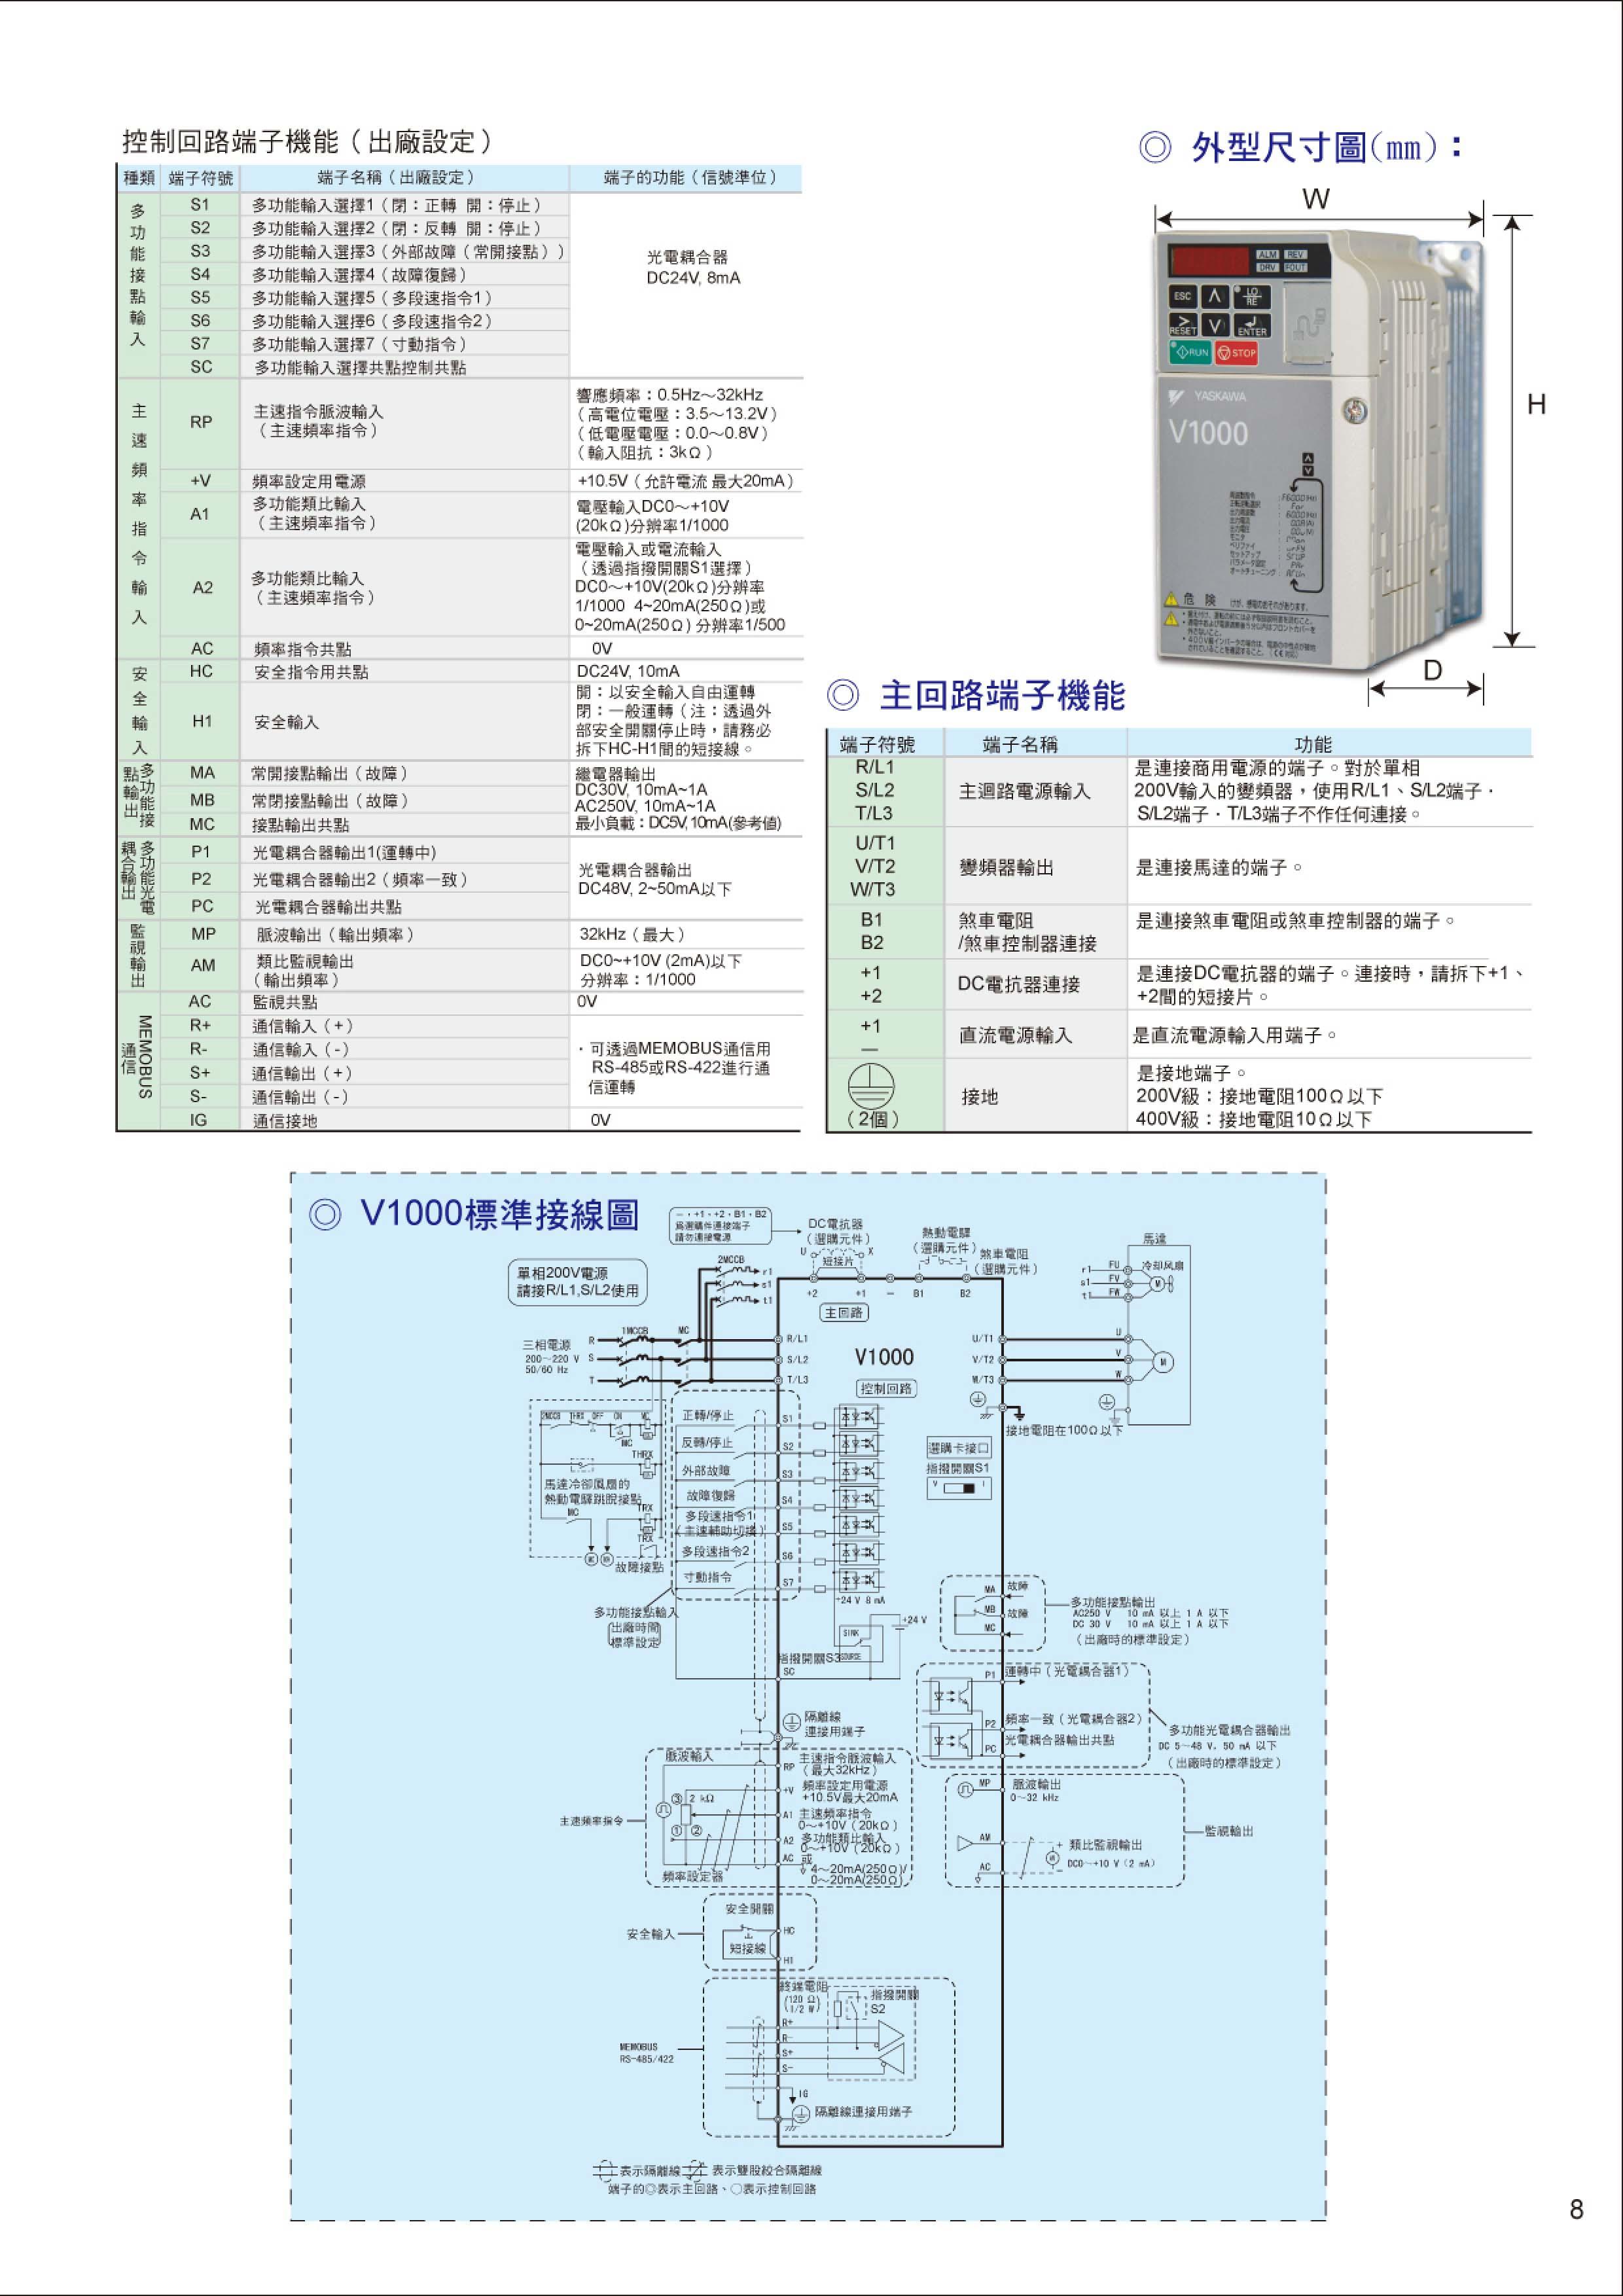 安川變頻器型錄-2012-07-9